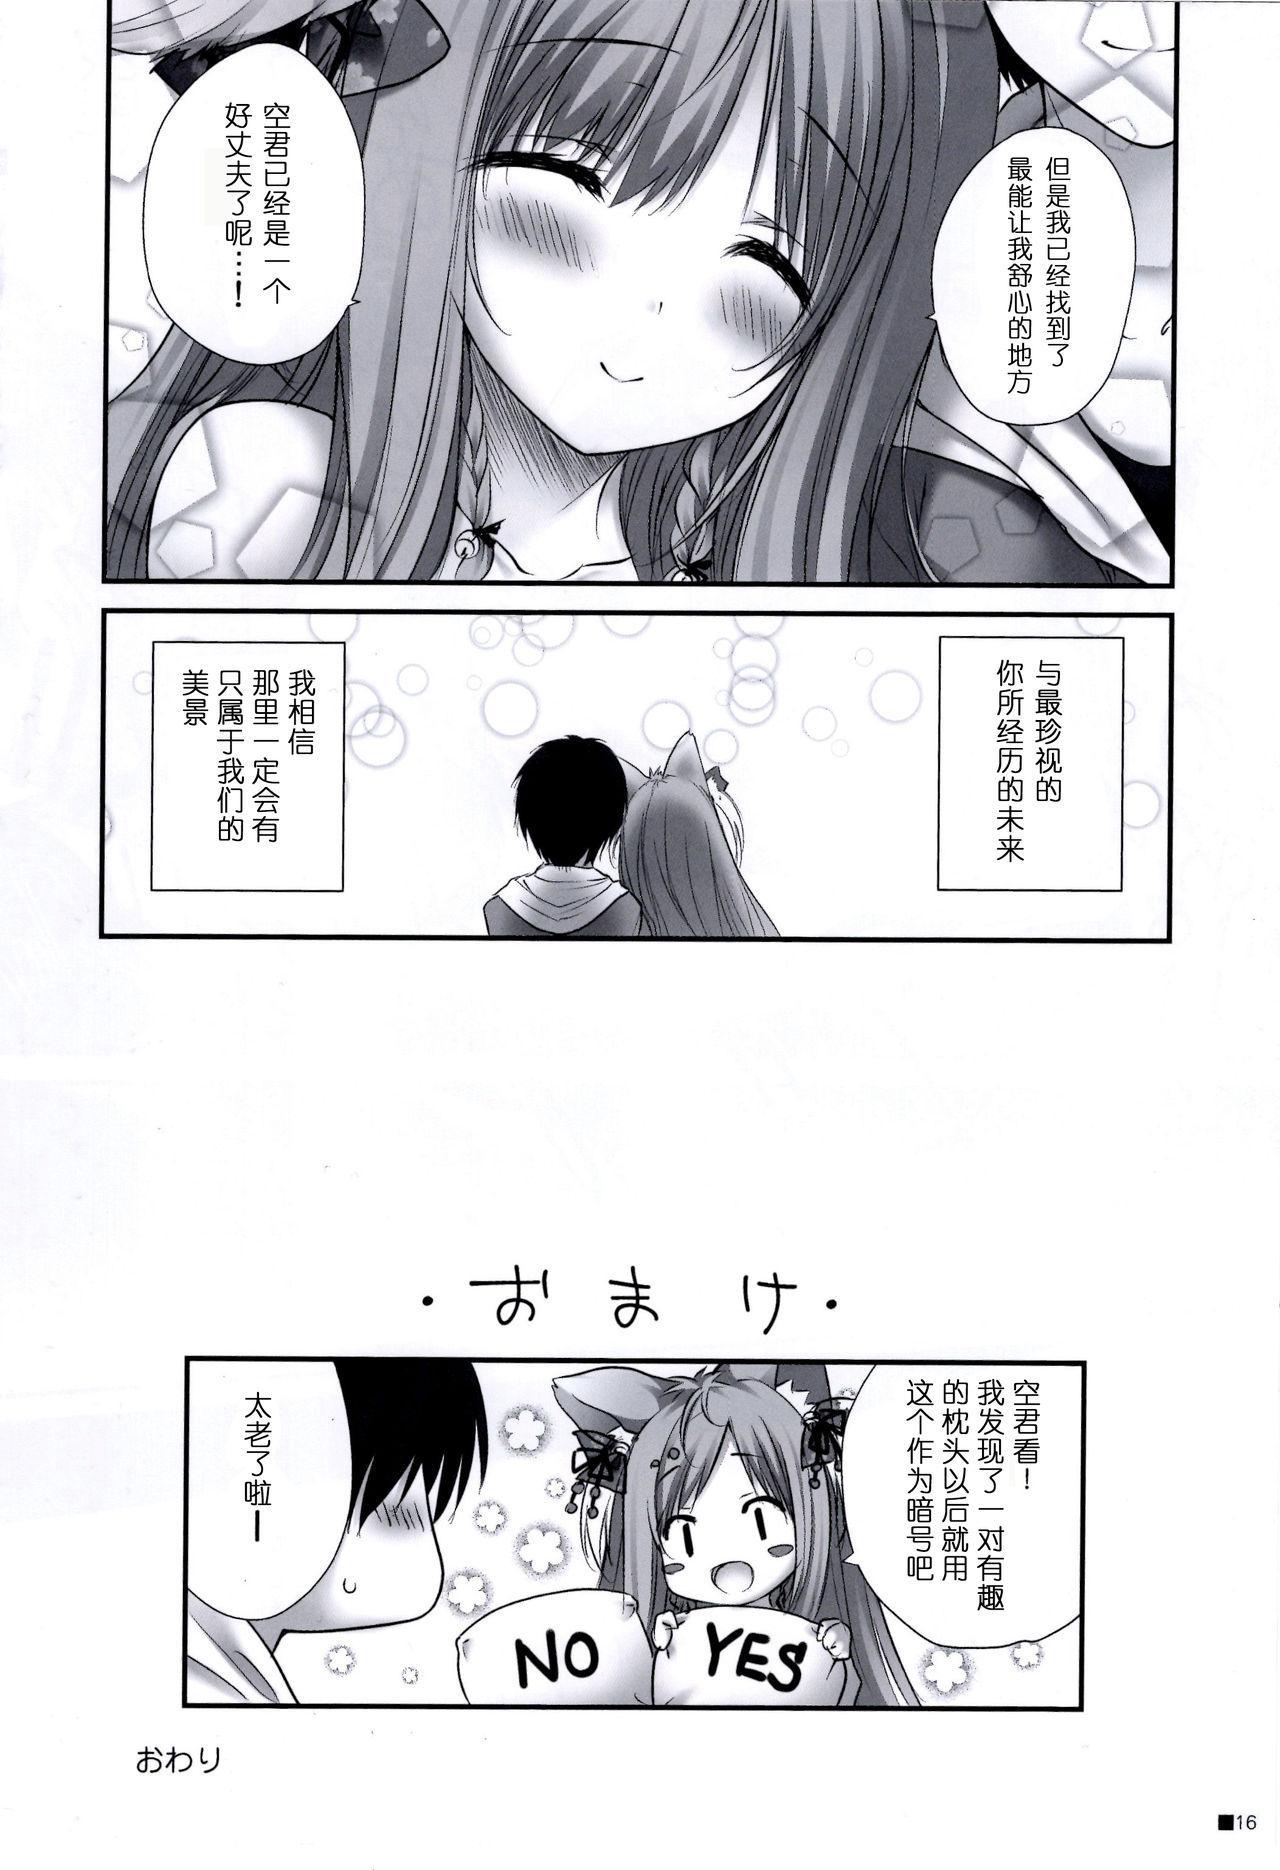 Uchi no Kemo Miko Yome ga Touto Sugiru Ken. 16